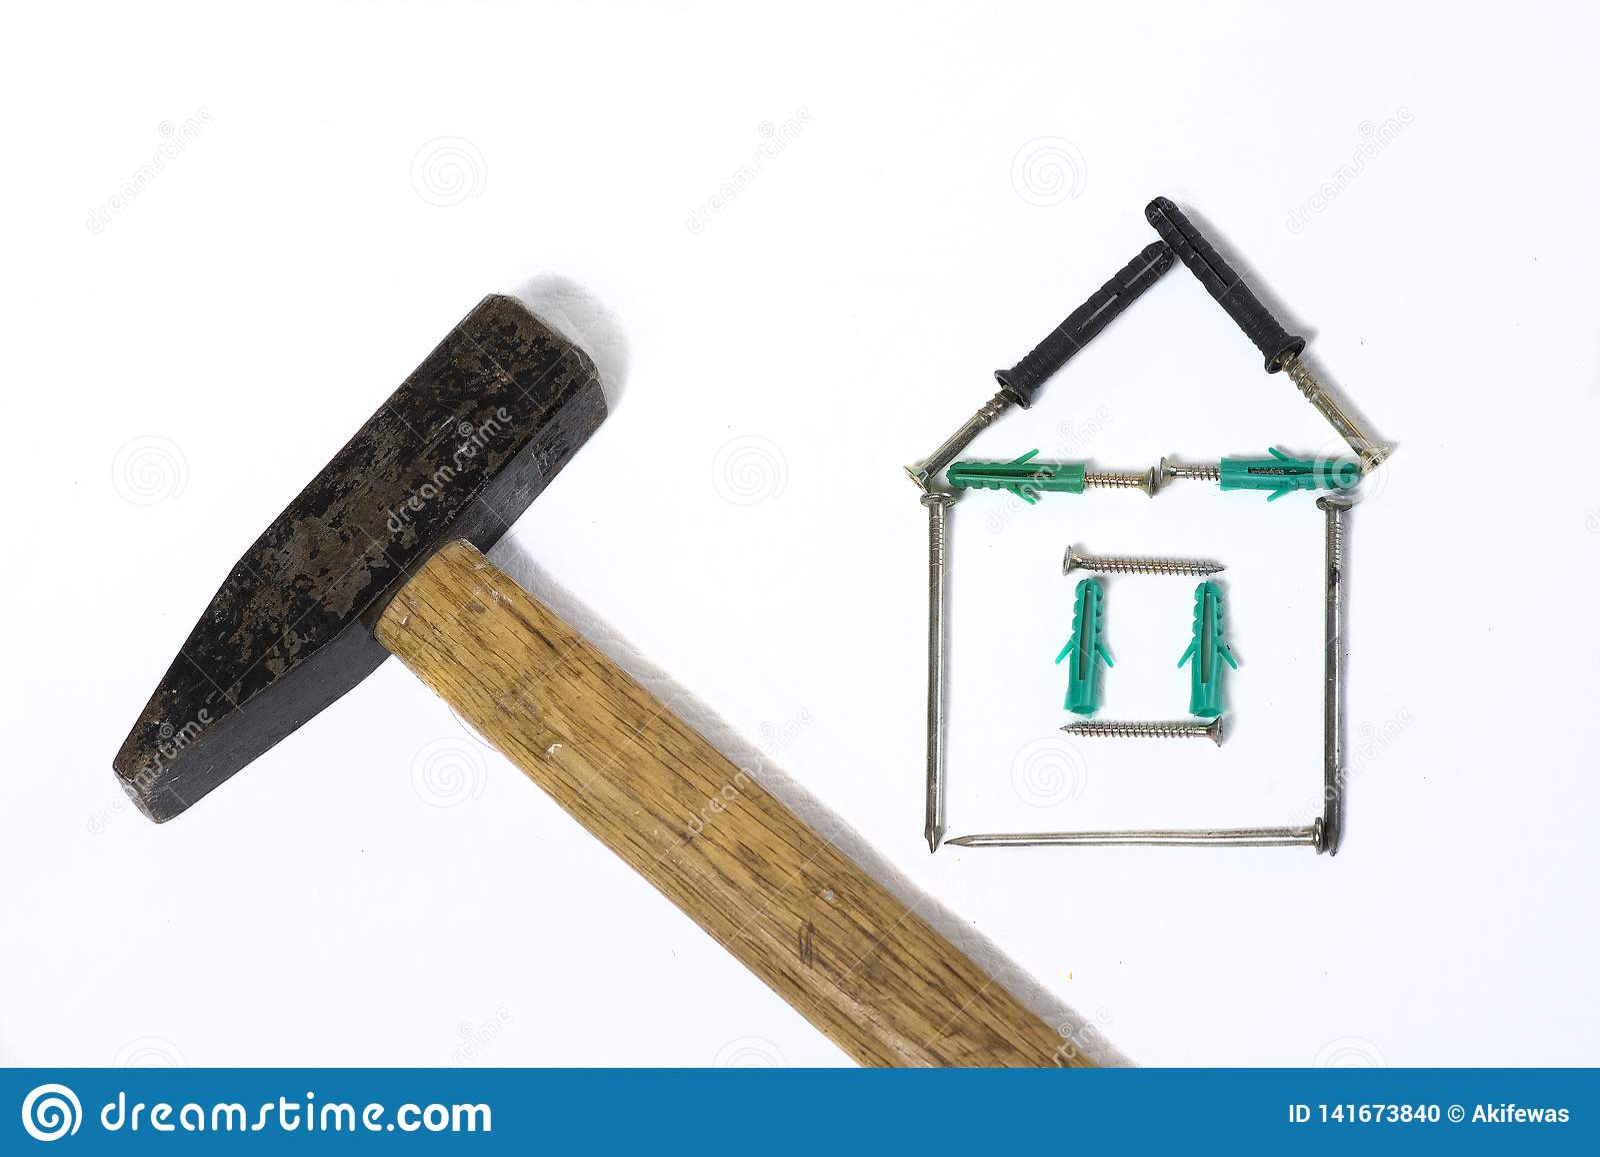 Eisenhammer mit Holzgriffnagelhaus auf weißem Hintergrund